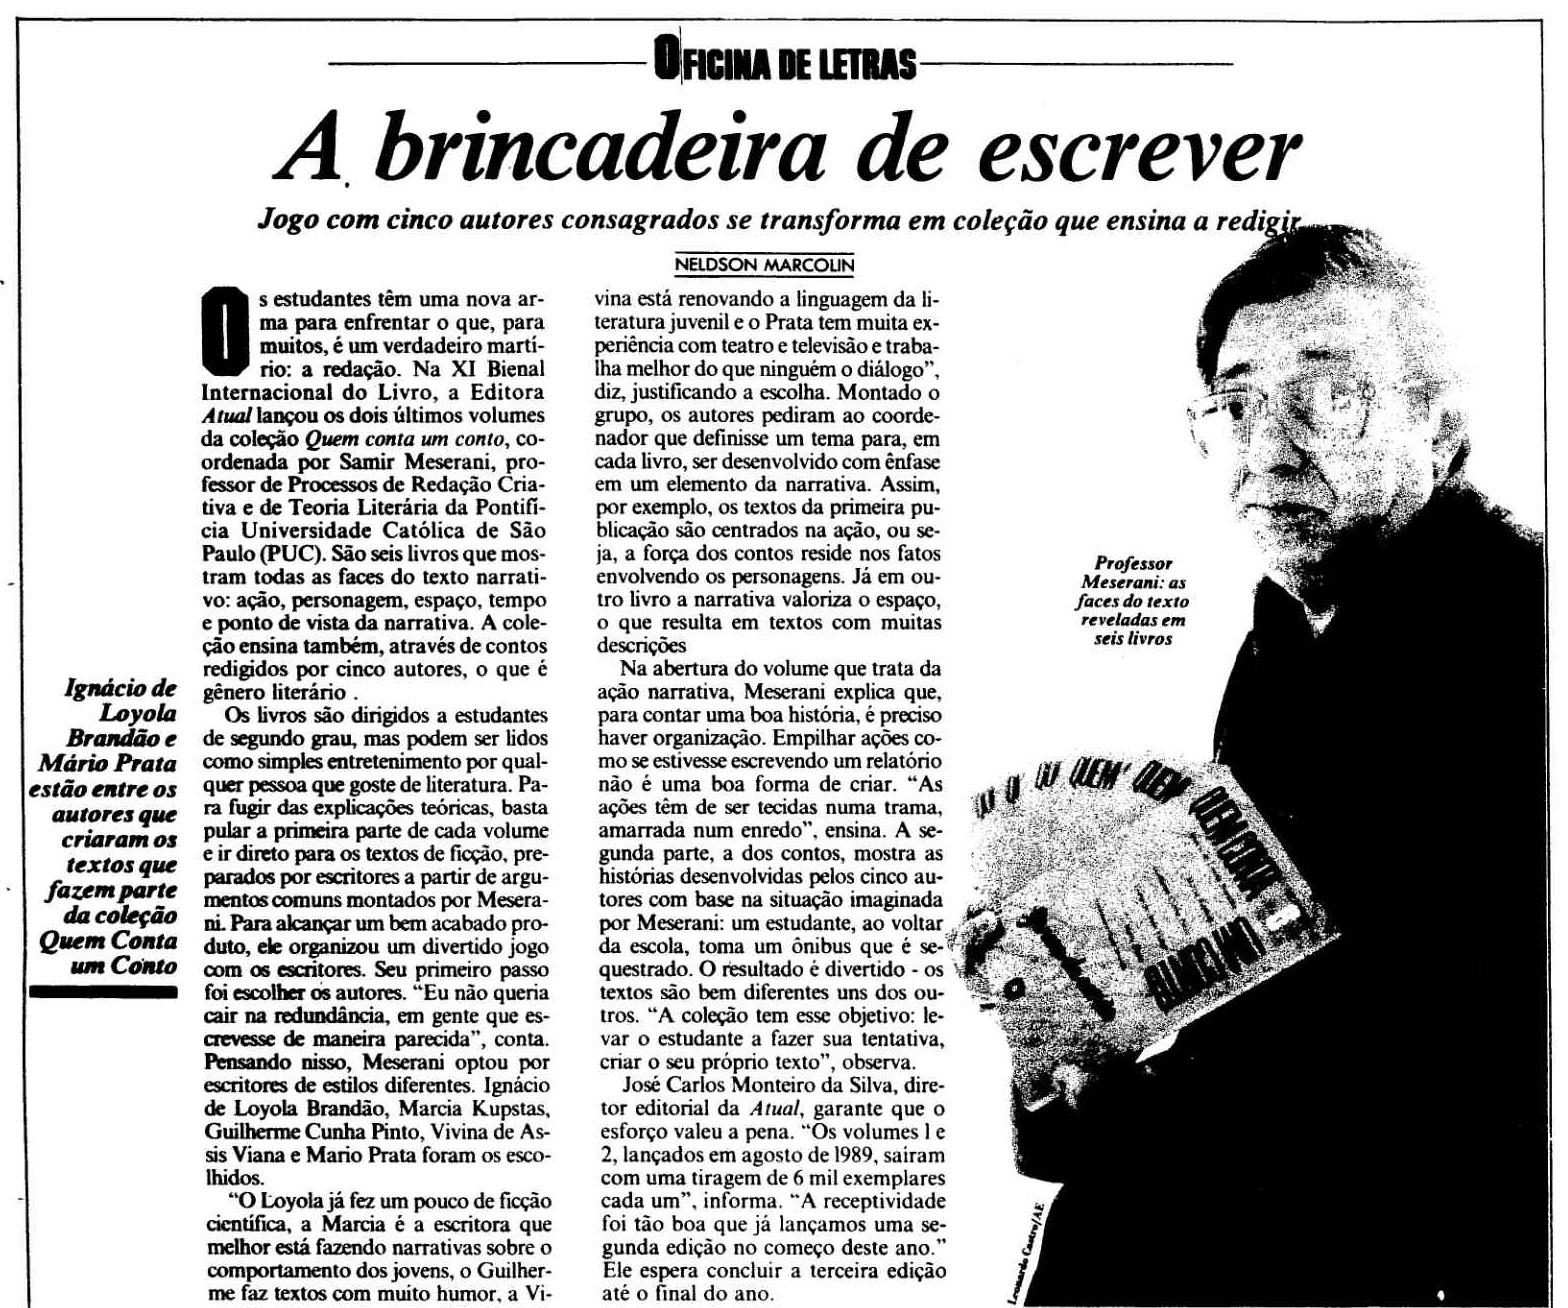 nota_estadao_quemconta_1990